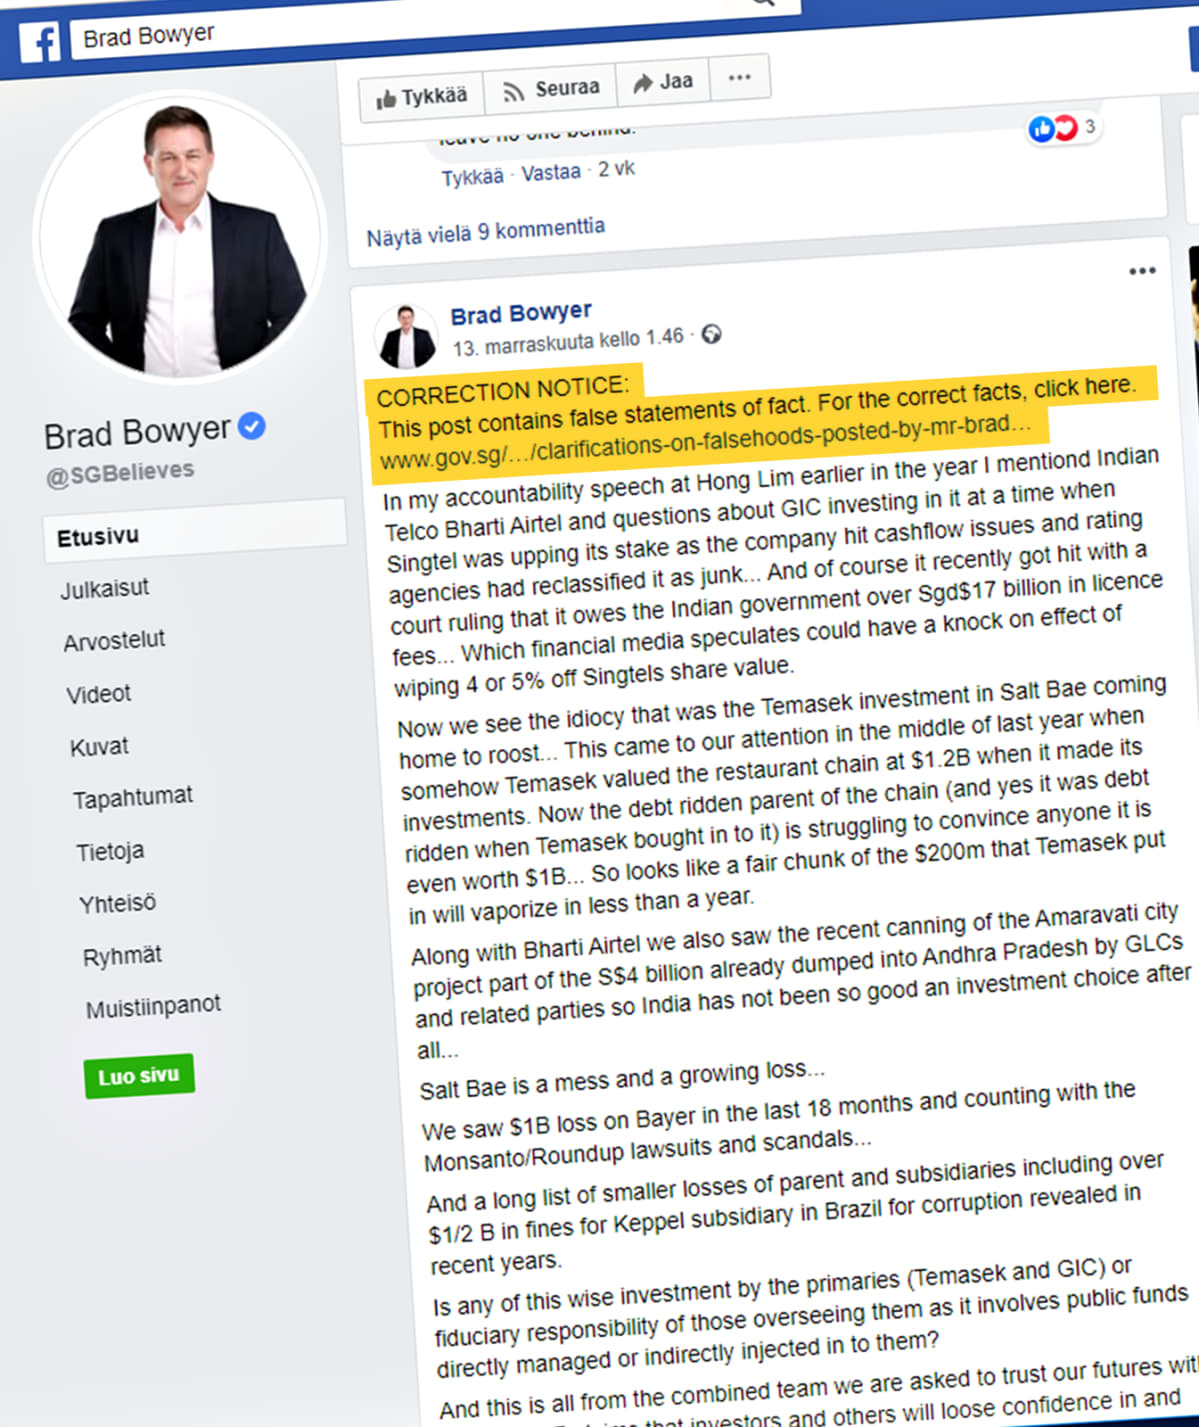 Kuvakaappaus Brad Bowyerin Facebook-sivulta. Keltaisella värillä on korostettu Singaporen hallituksen vaatima oikaisu, jonka mukaan teksti sisältää virheellistä tietoa.